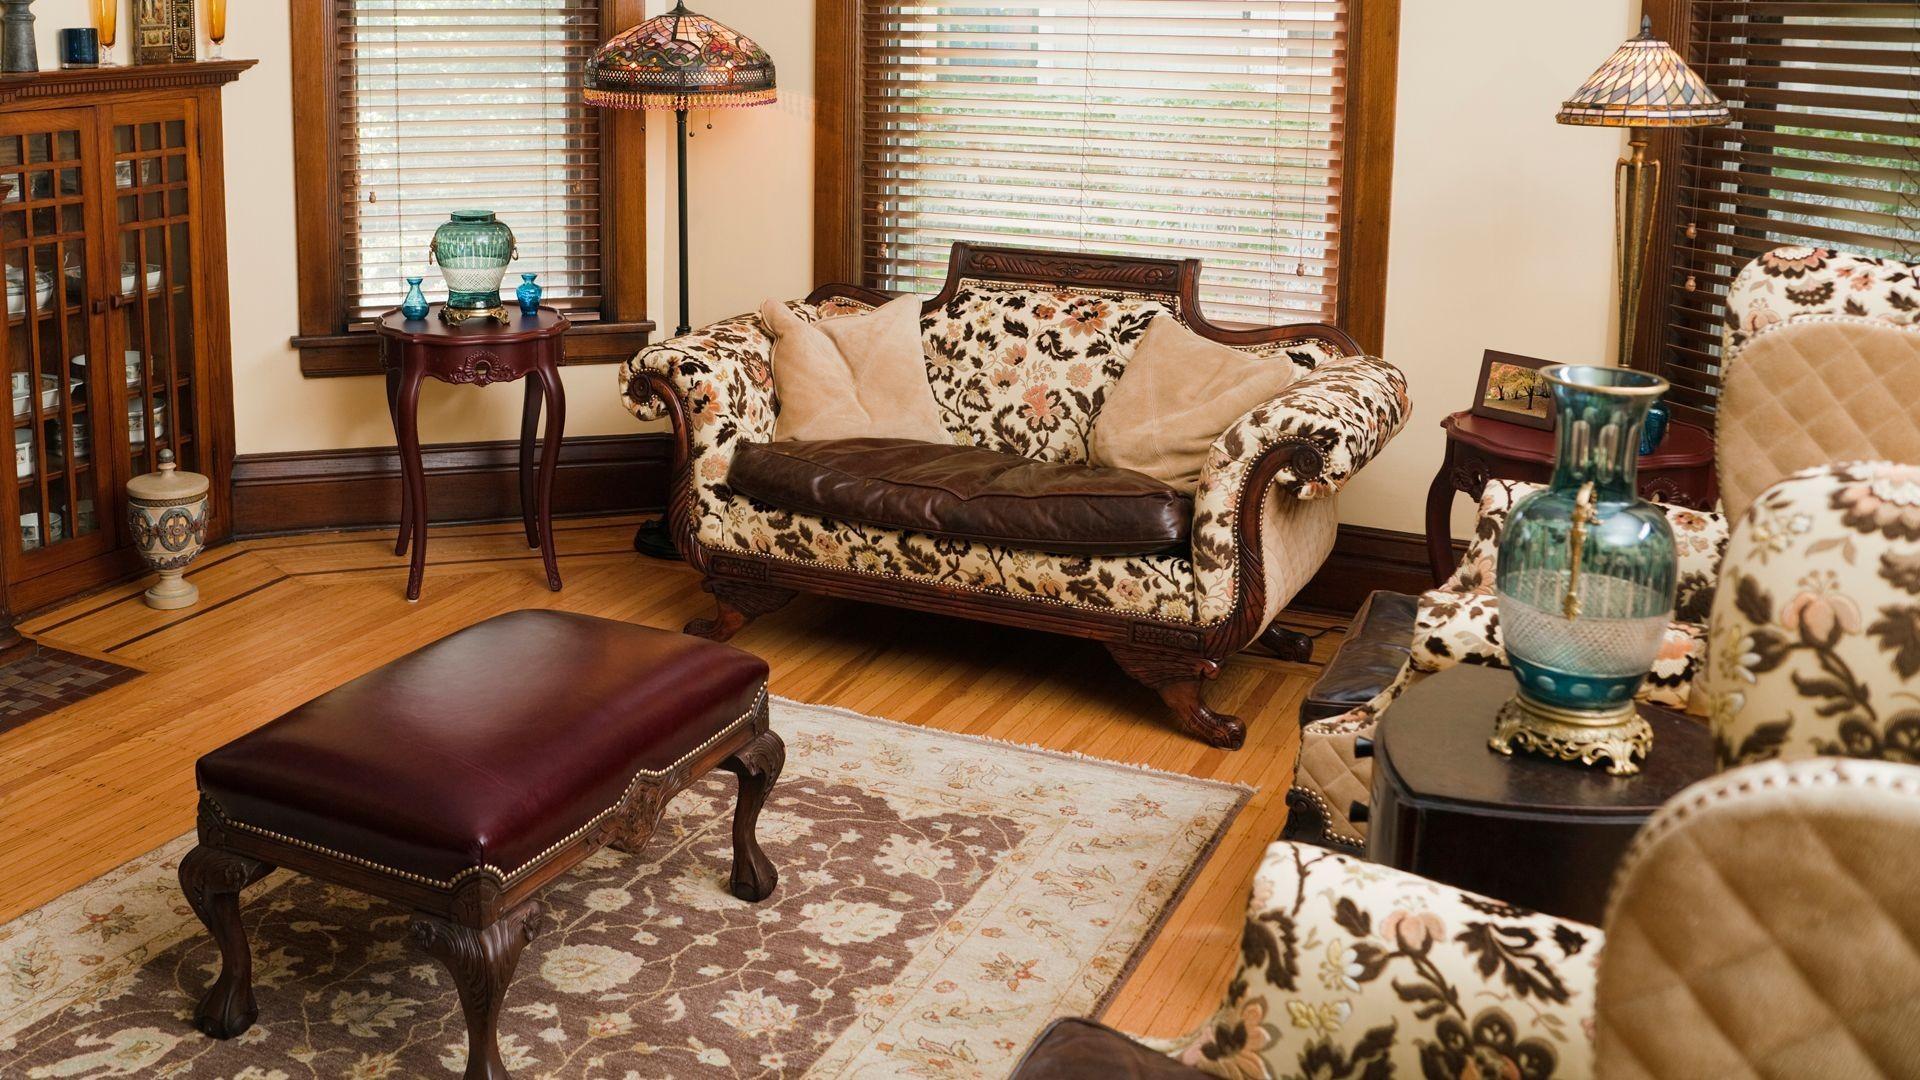 Muebles a medida y todo tipos de acabados con la madera.